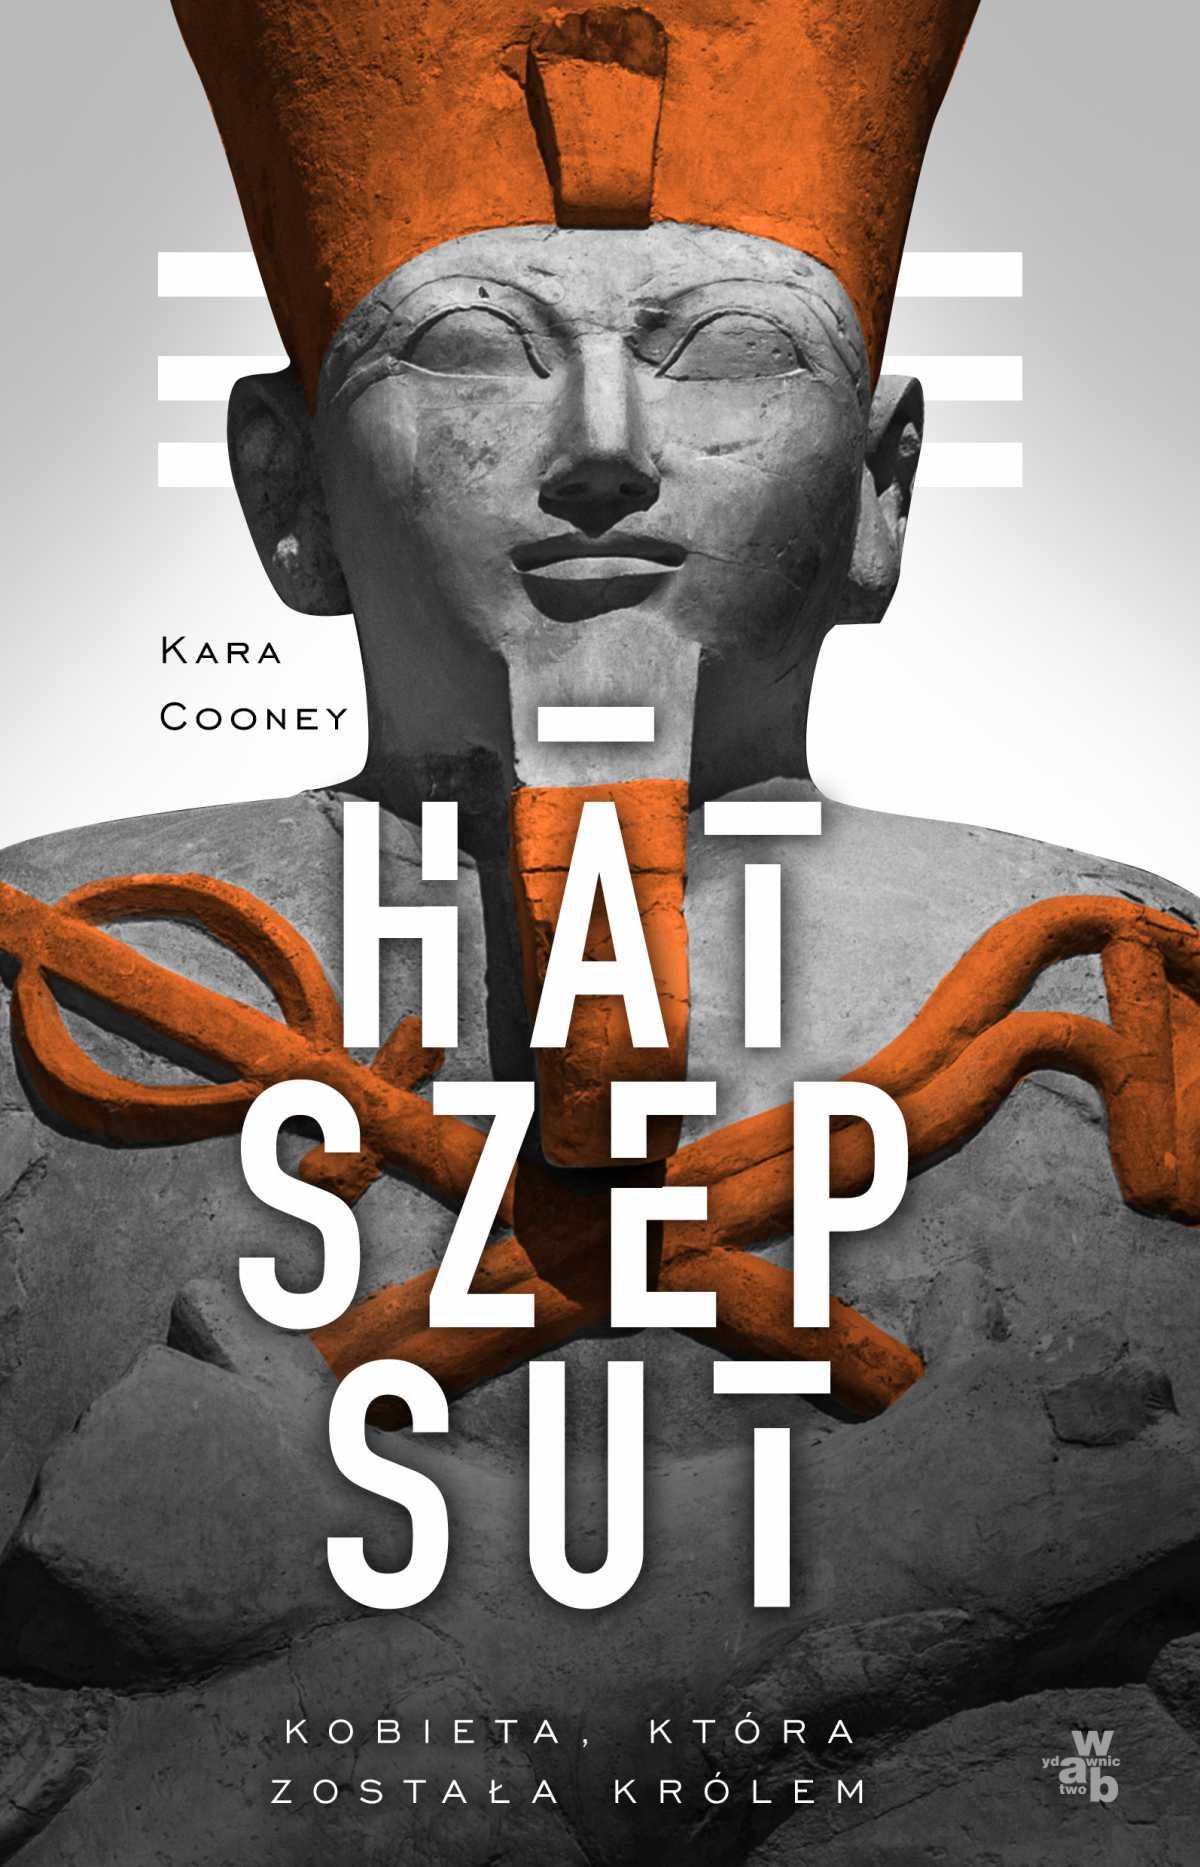 Hatszepsut. Kobieta, która została królem - Ebook (Książka EPUB) do pobrania w formacie EPUB